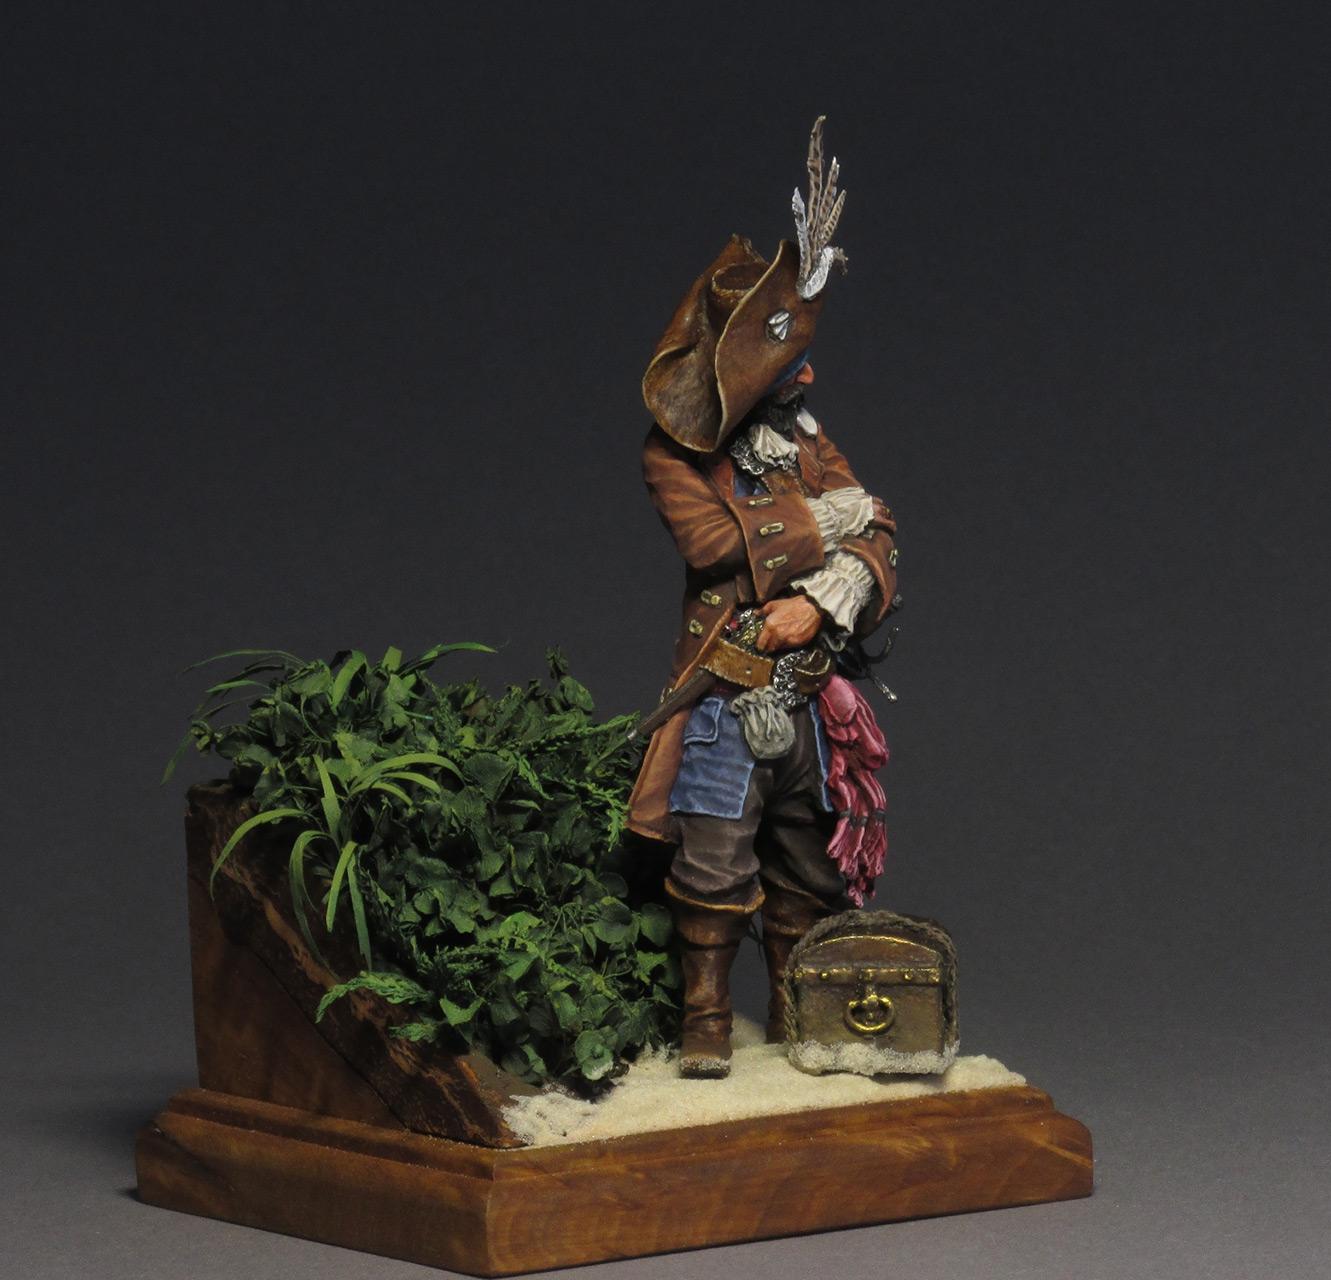 Фигурки: Пиратский барон Мадагаскара капитан Тиг, фото #3